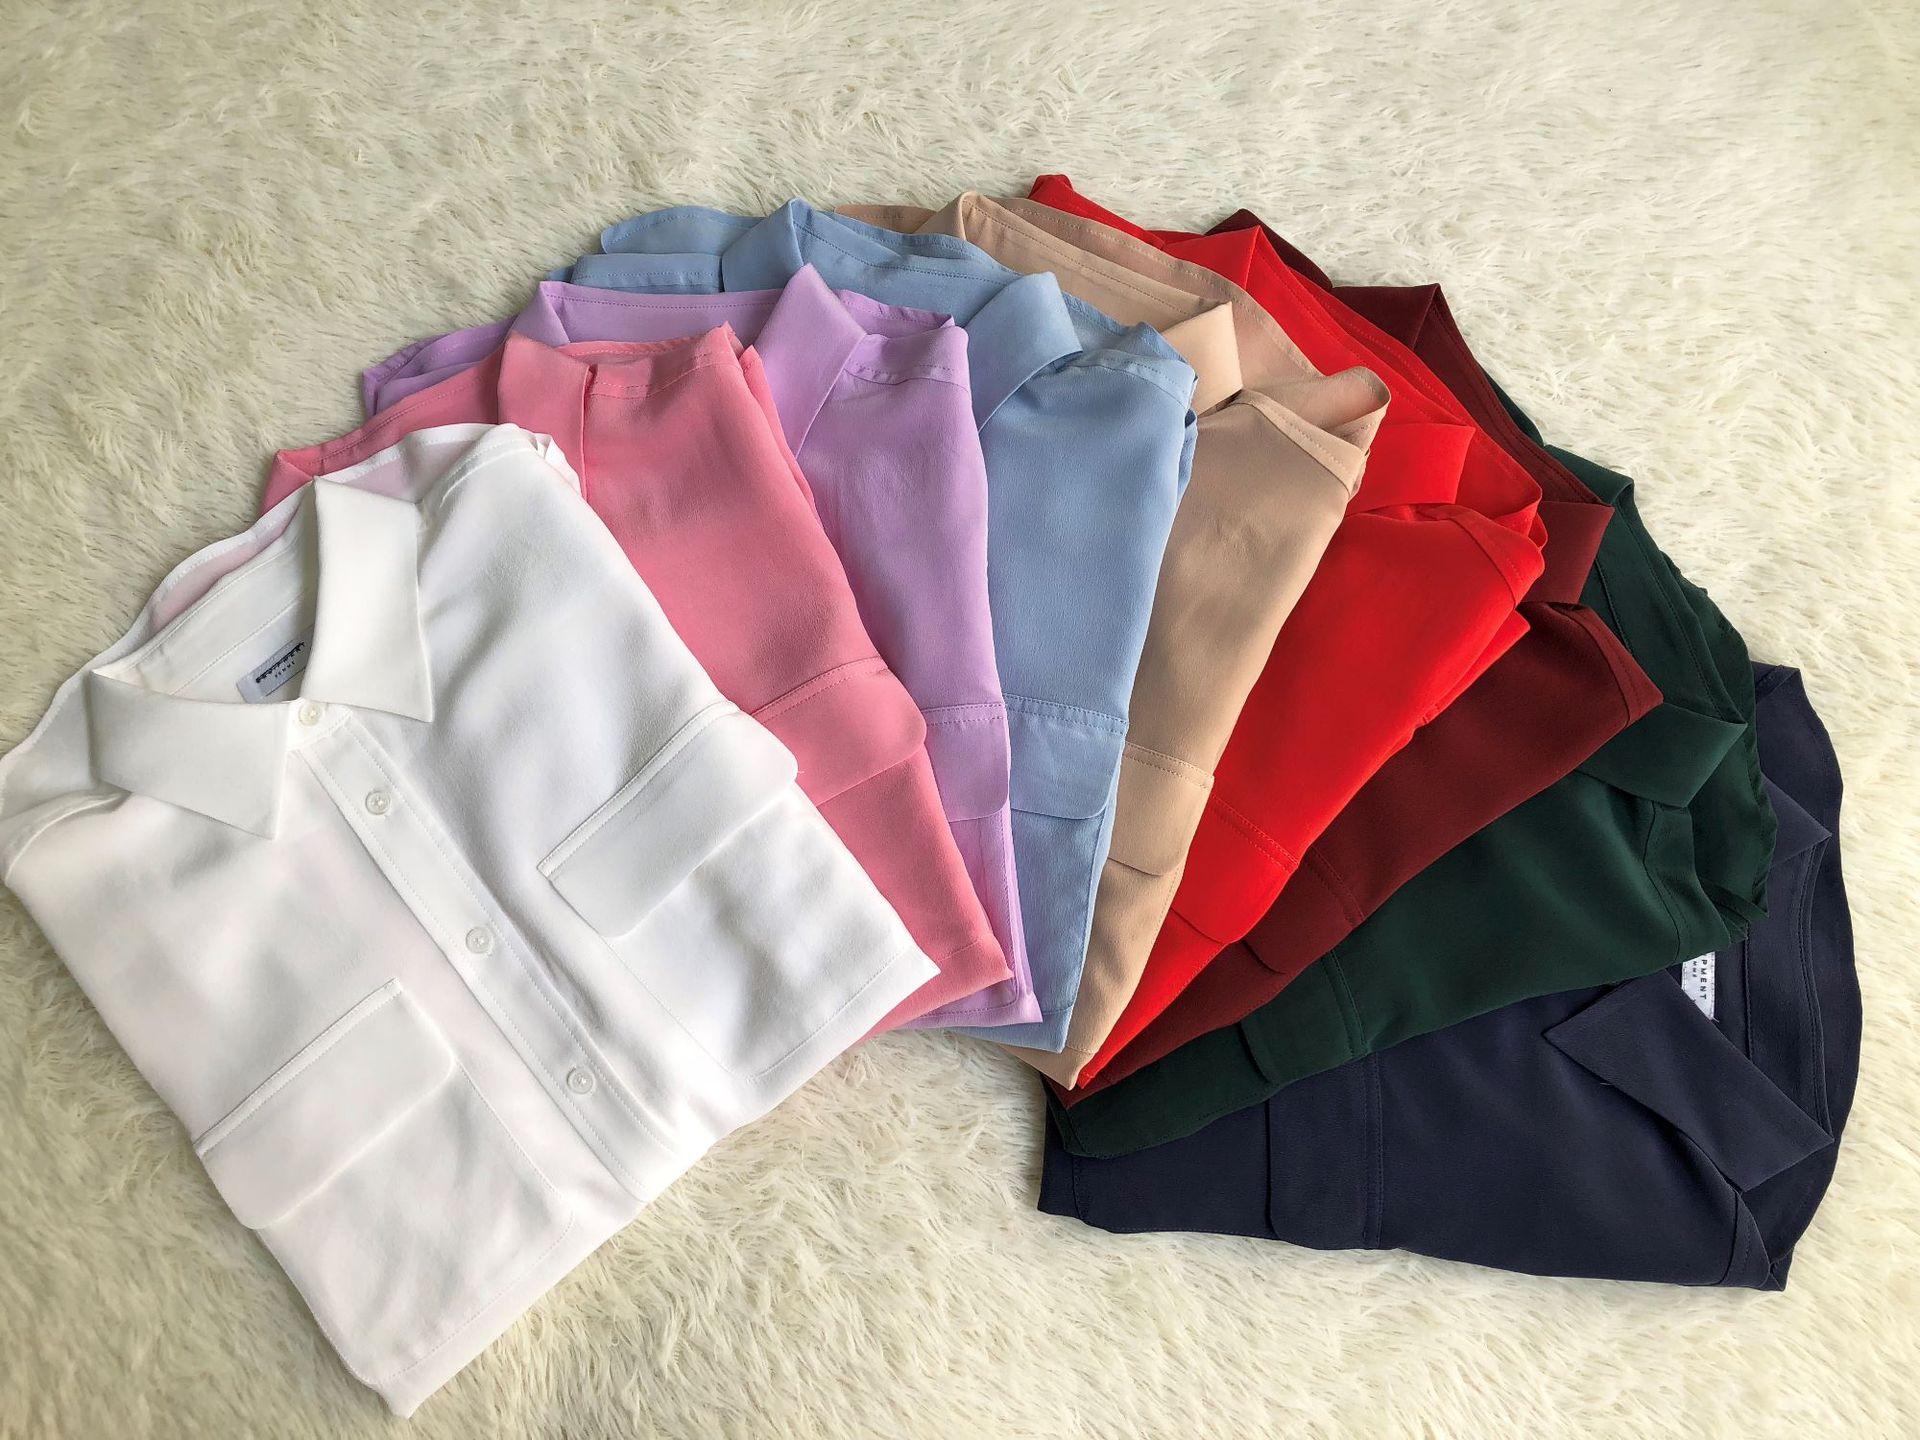 النساء قمصان 100% الحرير طويل الأكمام جيوب مزدوجة هوت فام بلوزة امرأة جديد 2019-في بلوزات وقمصان من ملابس نسائية على  مجموعة 2